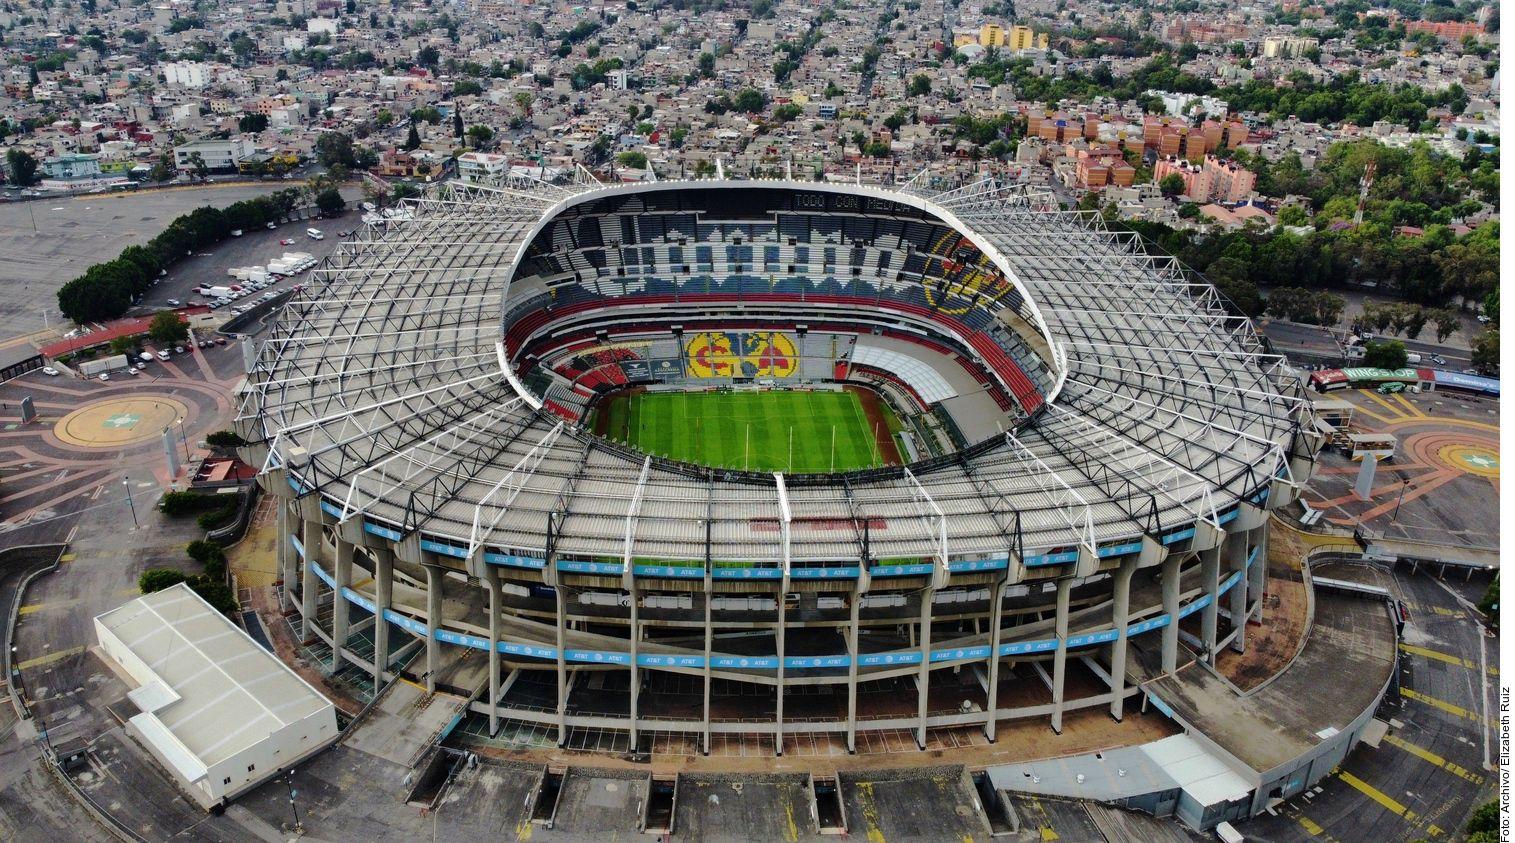 Vista aérea del estadio Azteca de México, casa del equipo América.